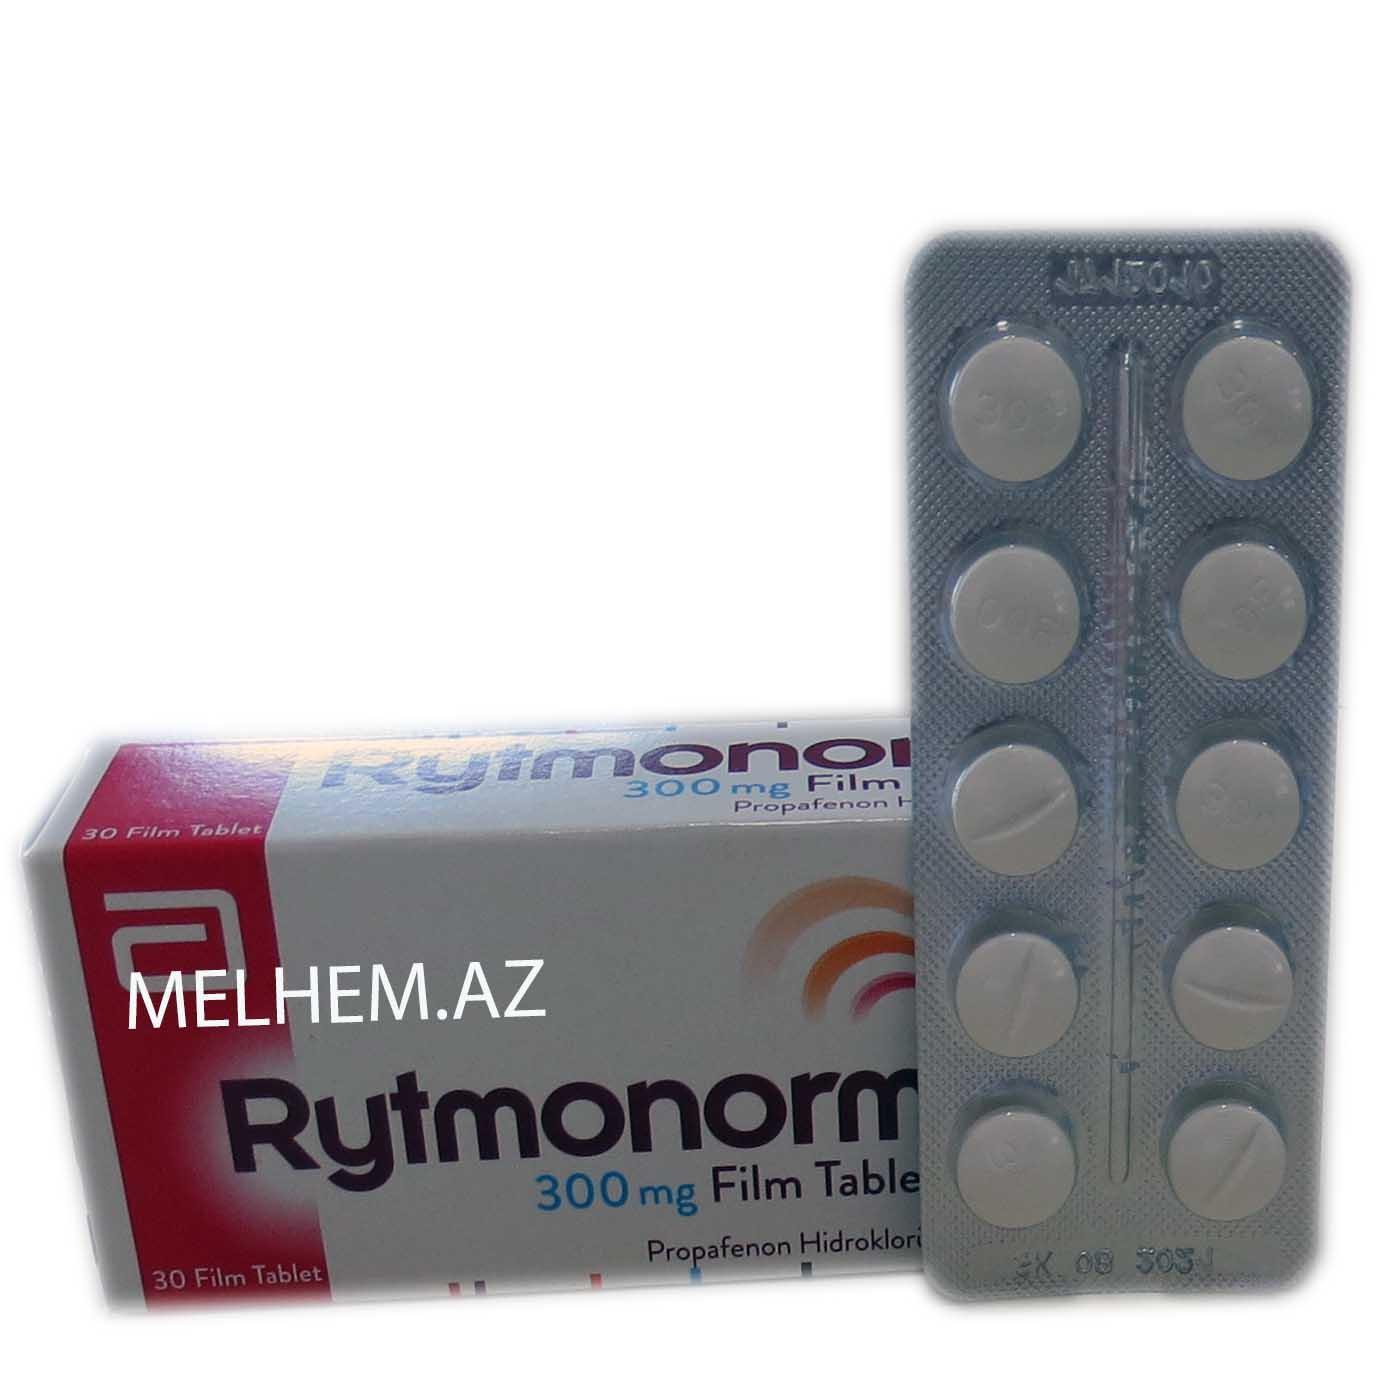 RYTMONORM